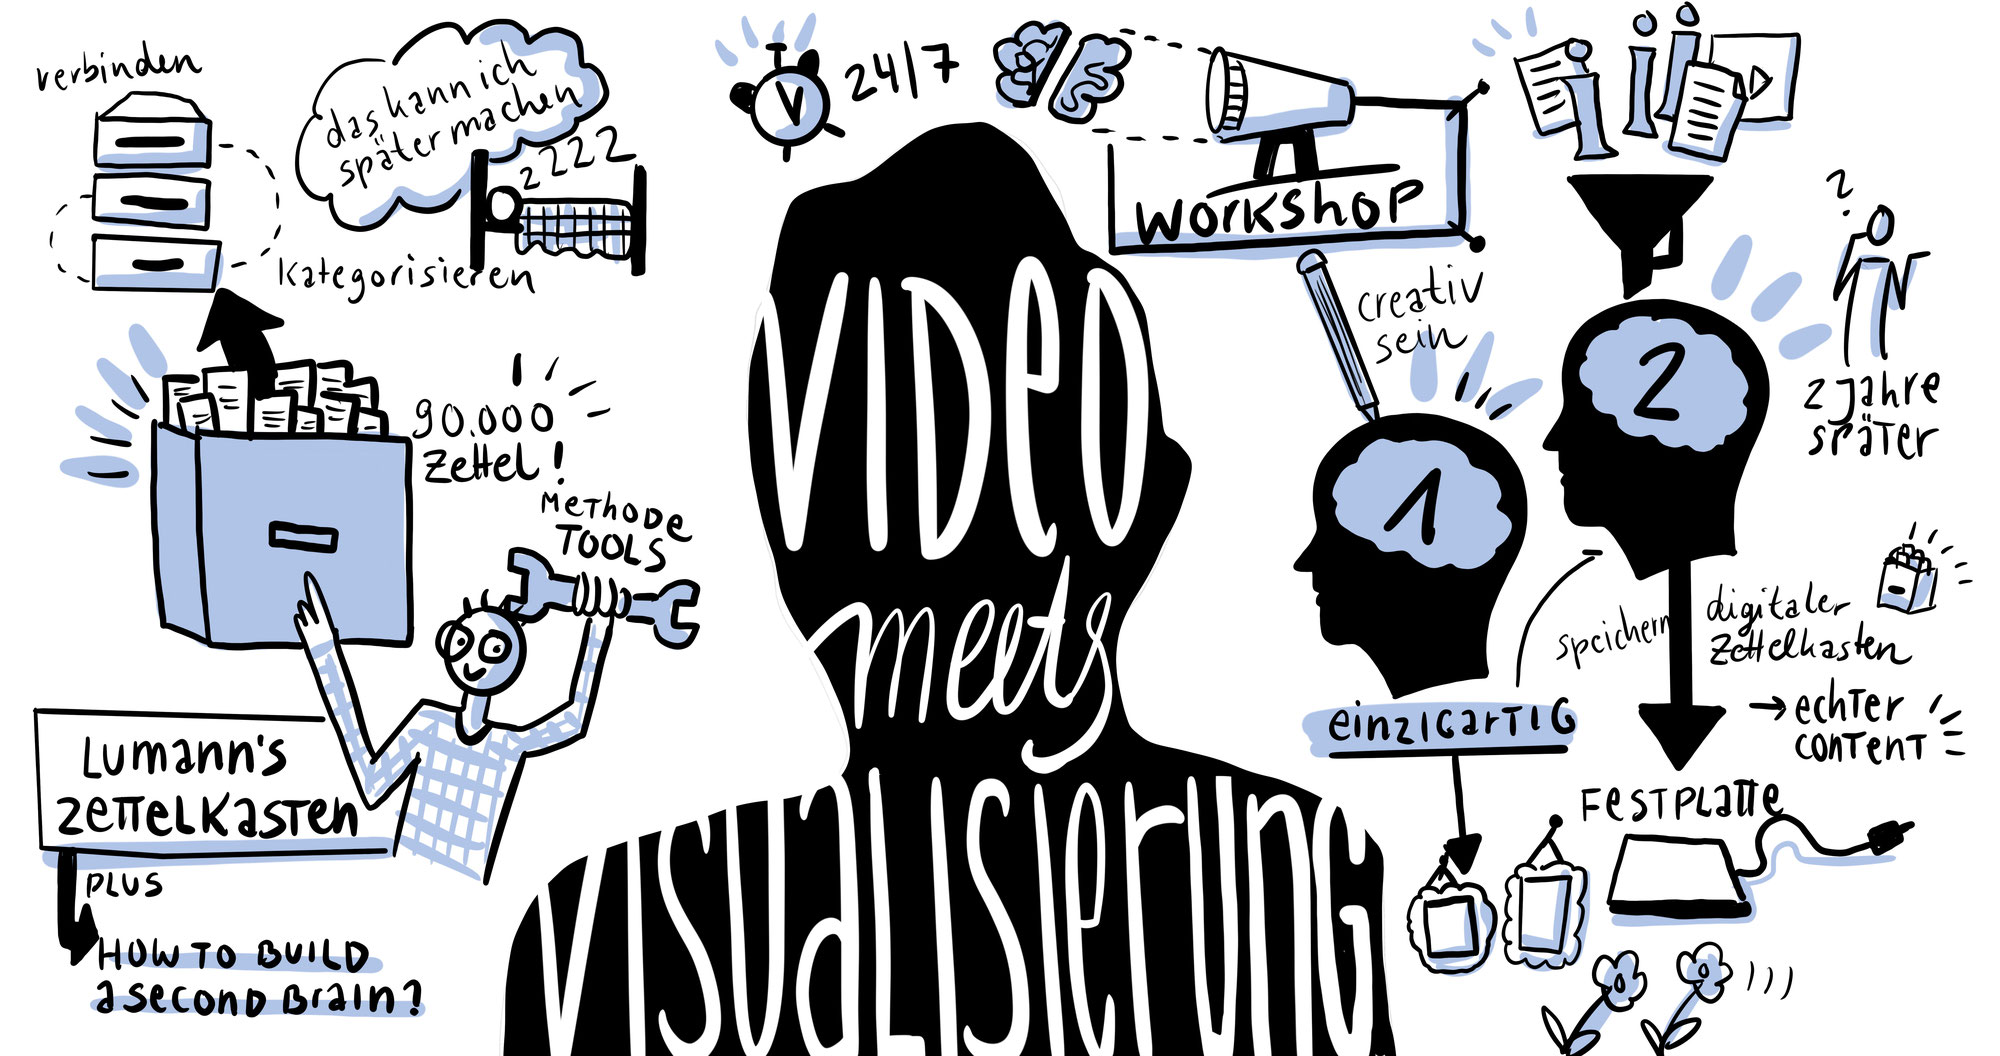 Vorträge visuell aufwerten